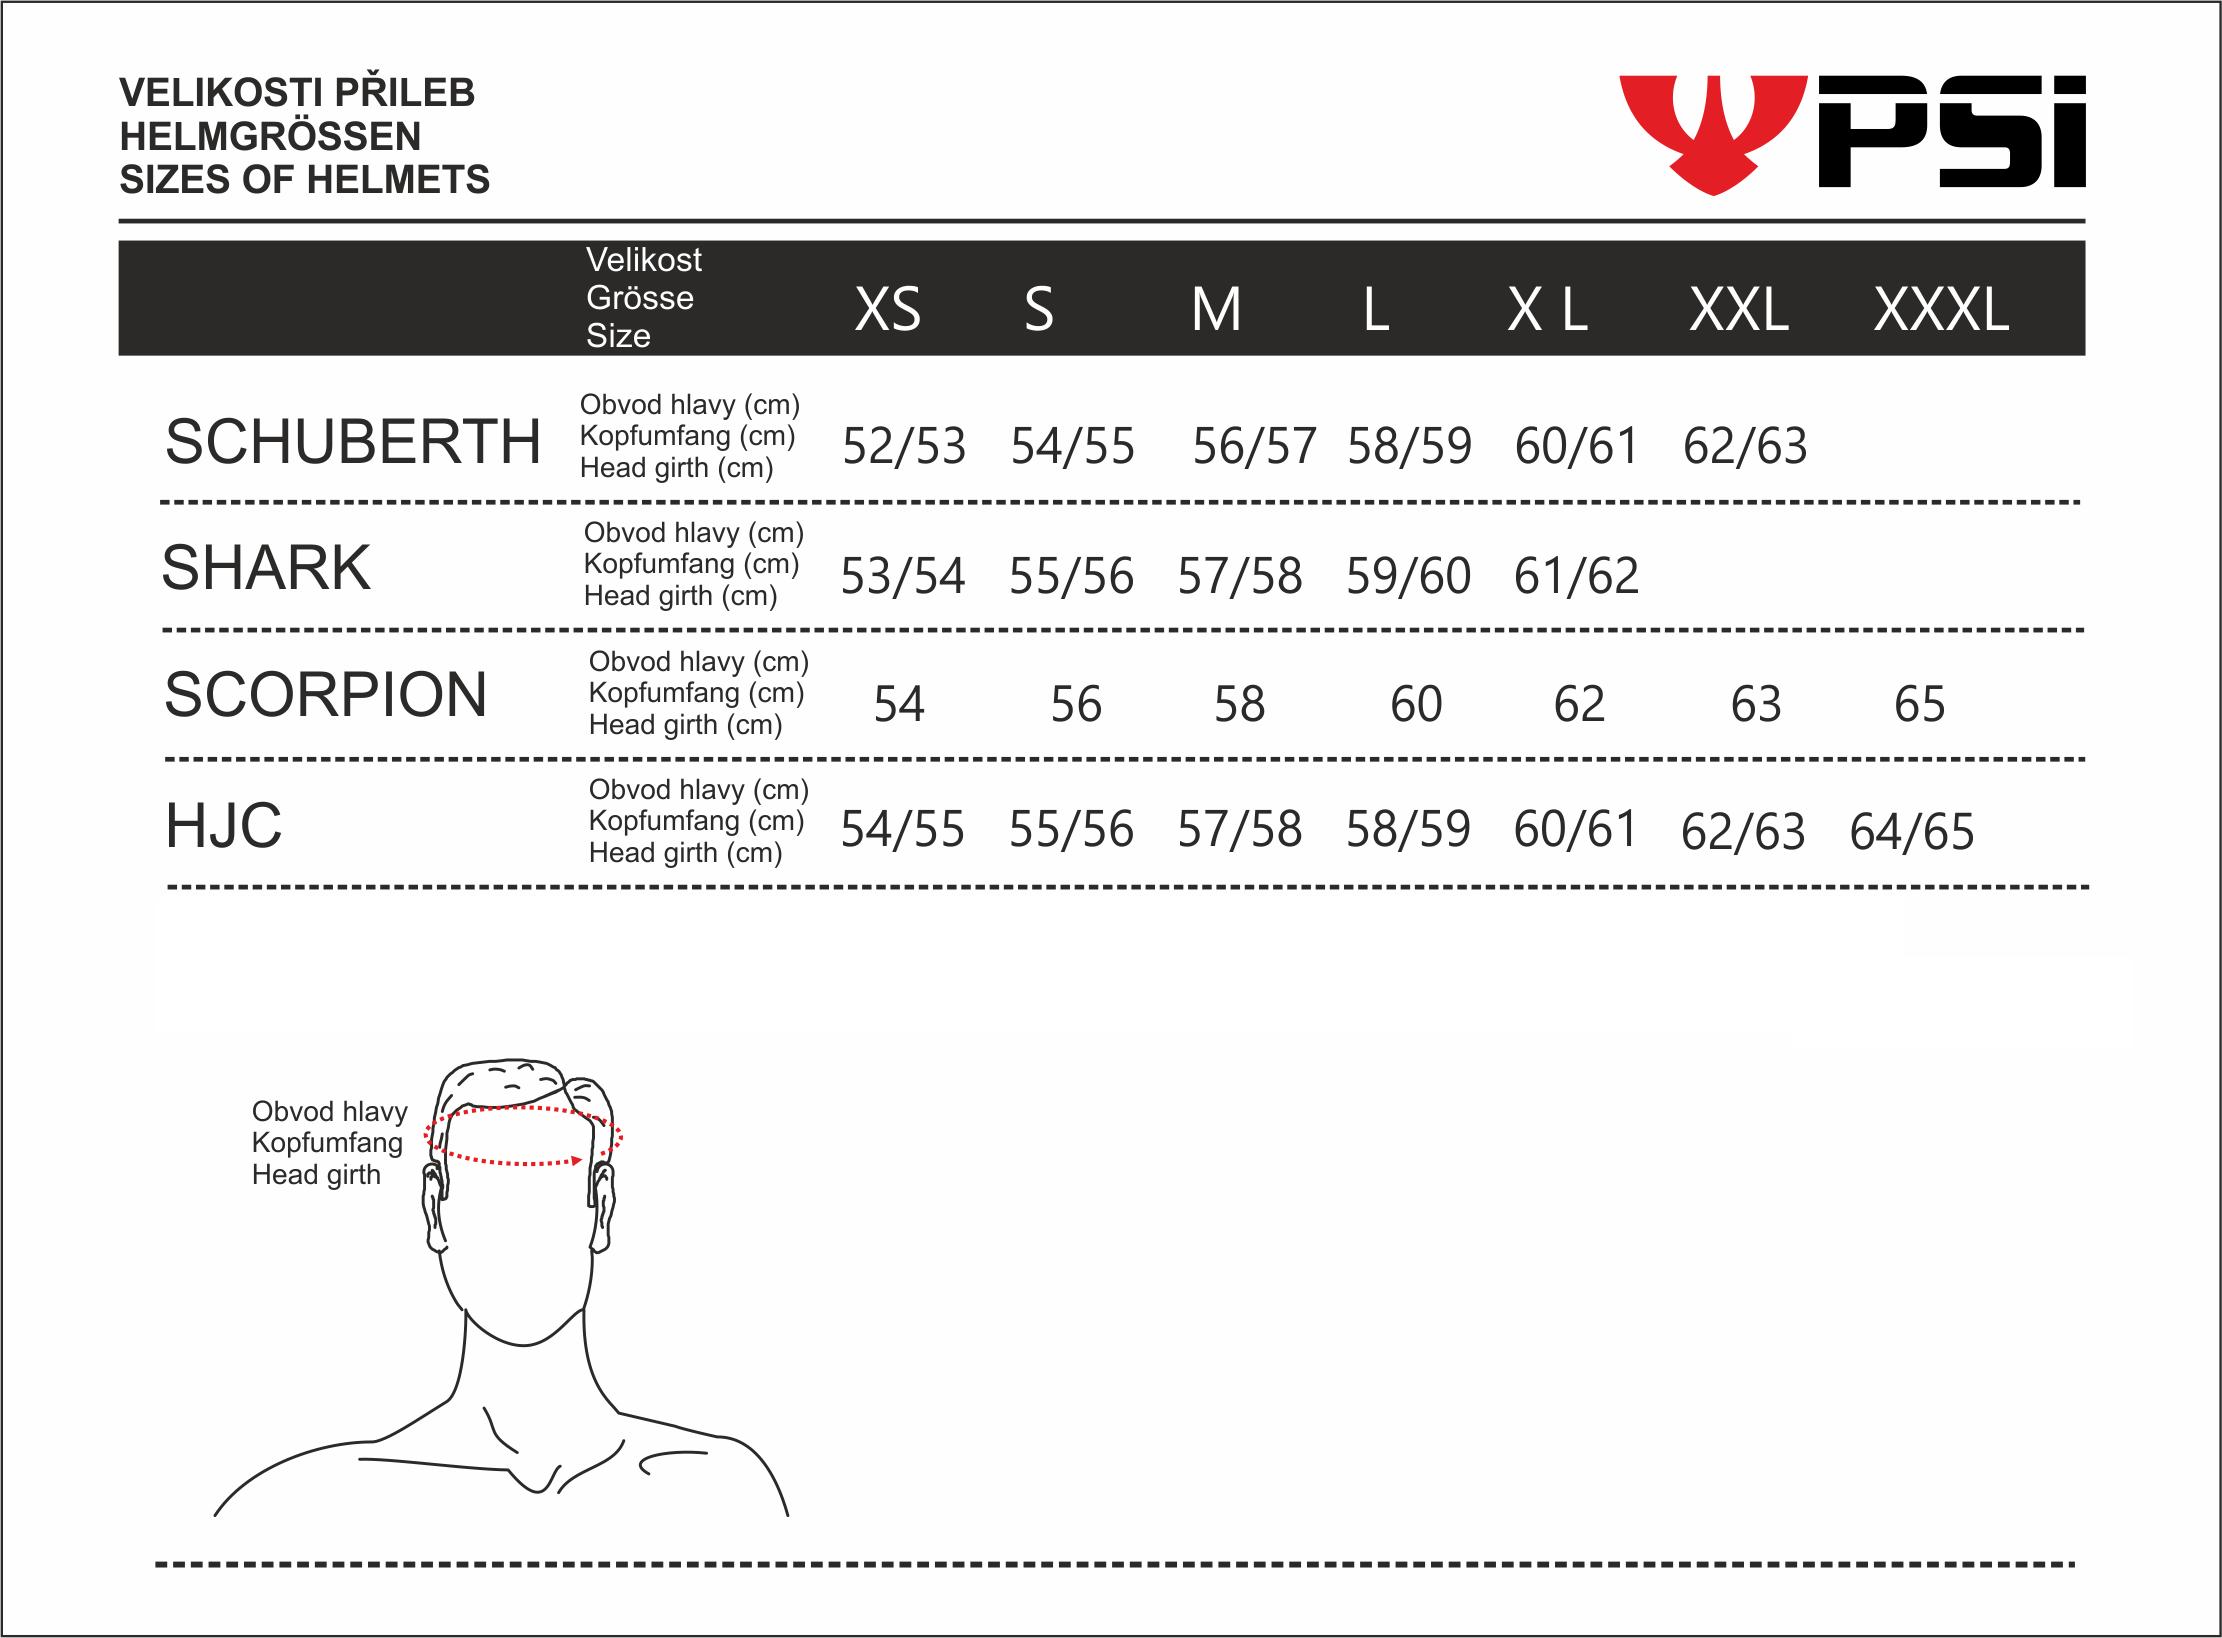 tabulka velikostí přileb2021.png - PSí Hubík